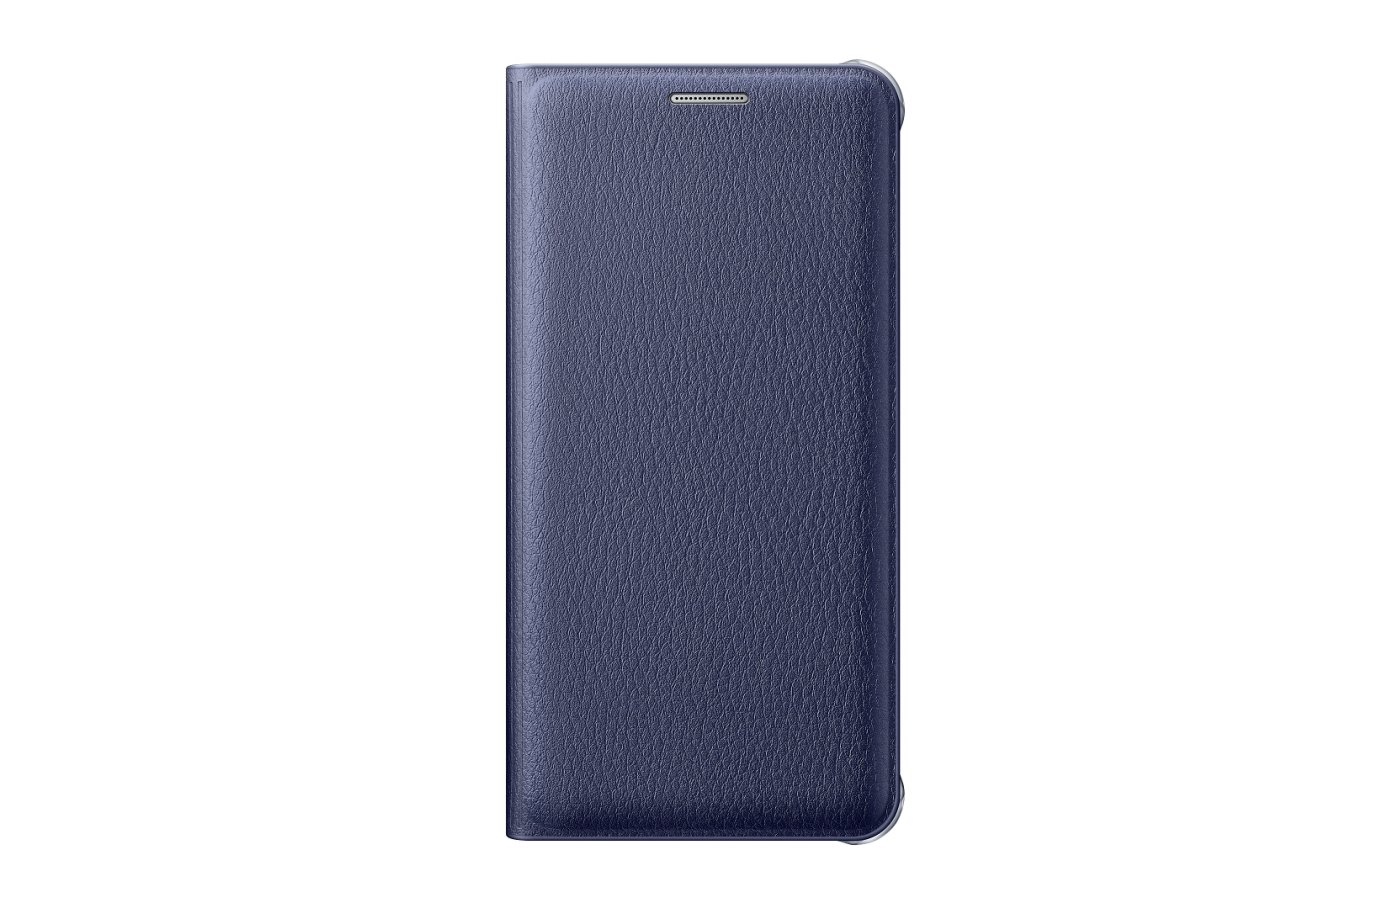 Чехол Samsung Flip Wallet для Galaxy A3 (2016) SM-A310 черный (EF-WA310PBEGRU)